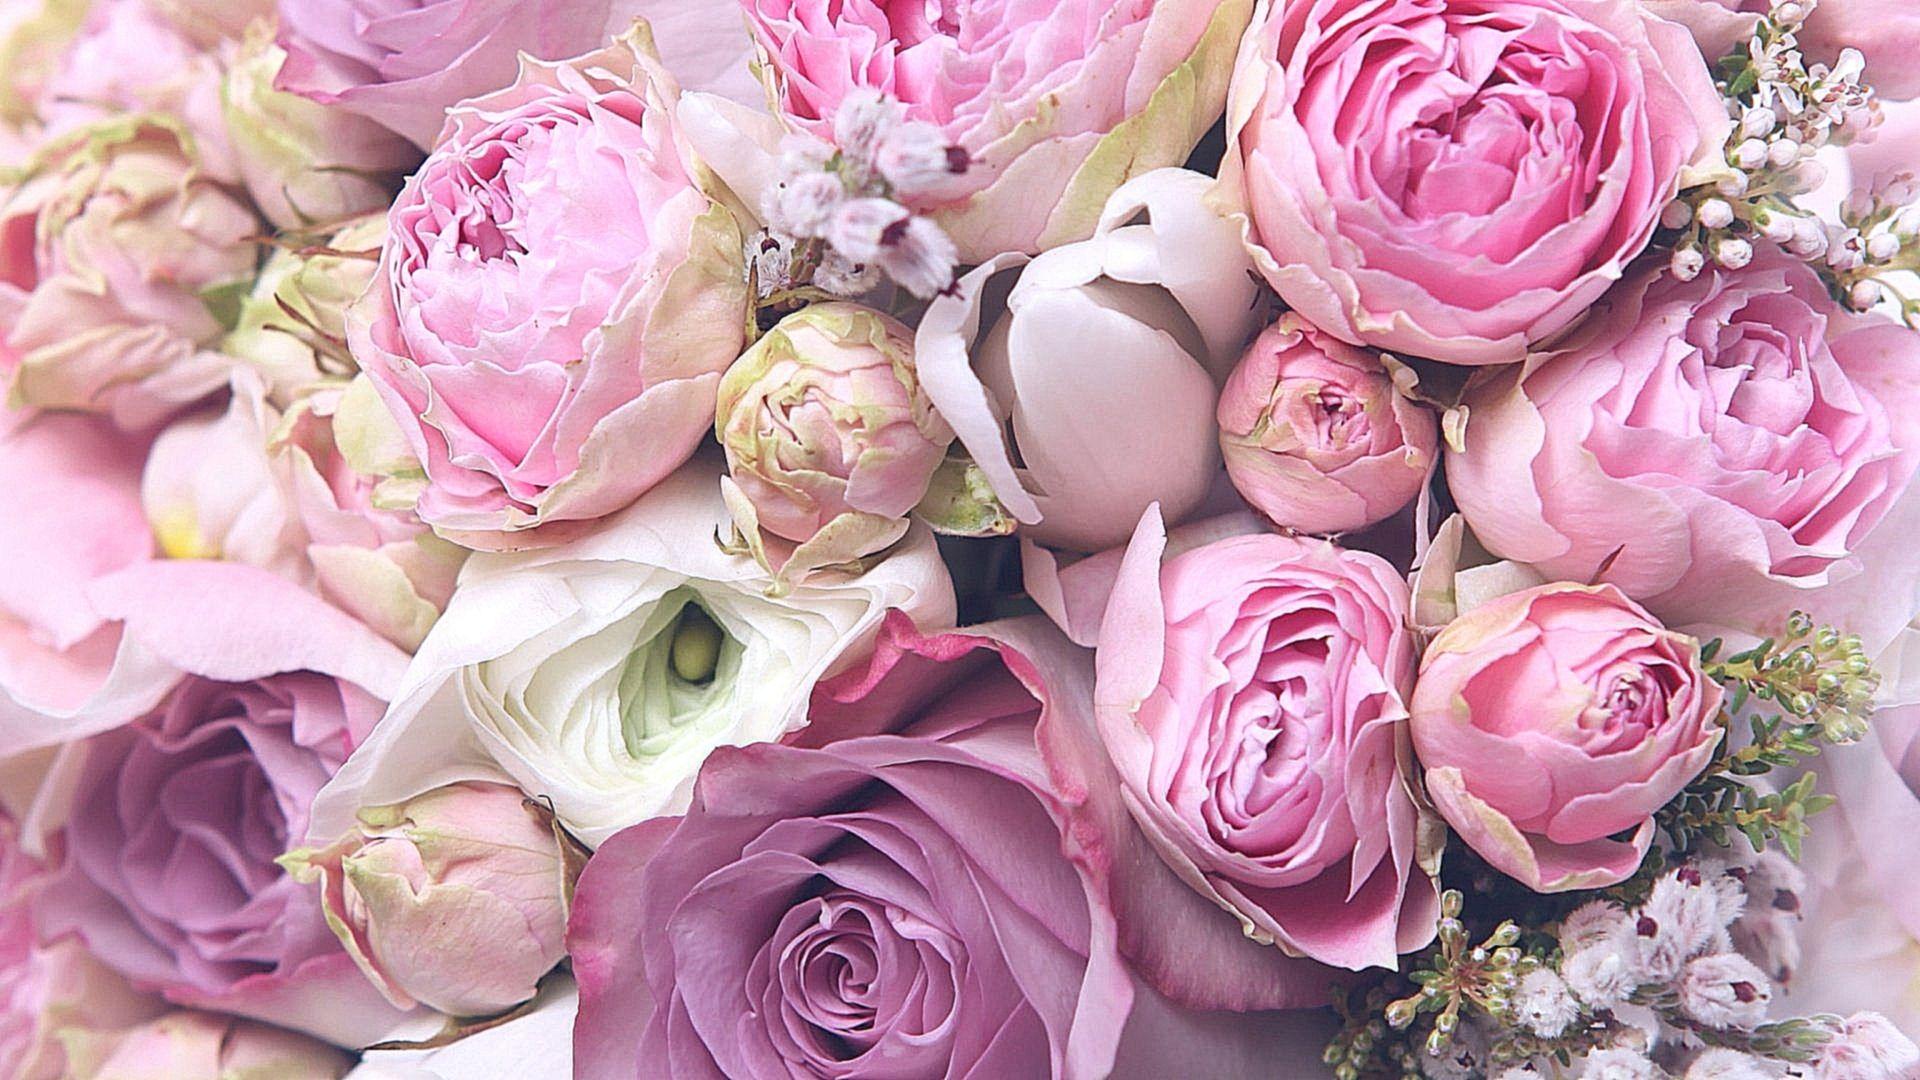 Beautiful Rose Wallpaper Image